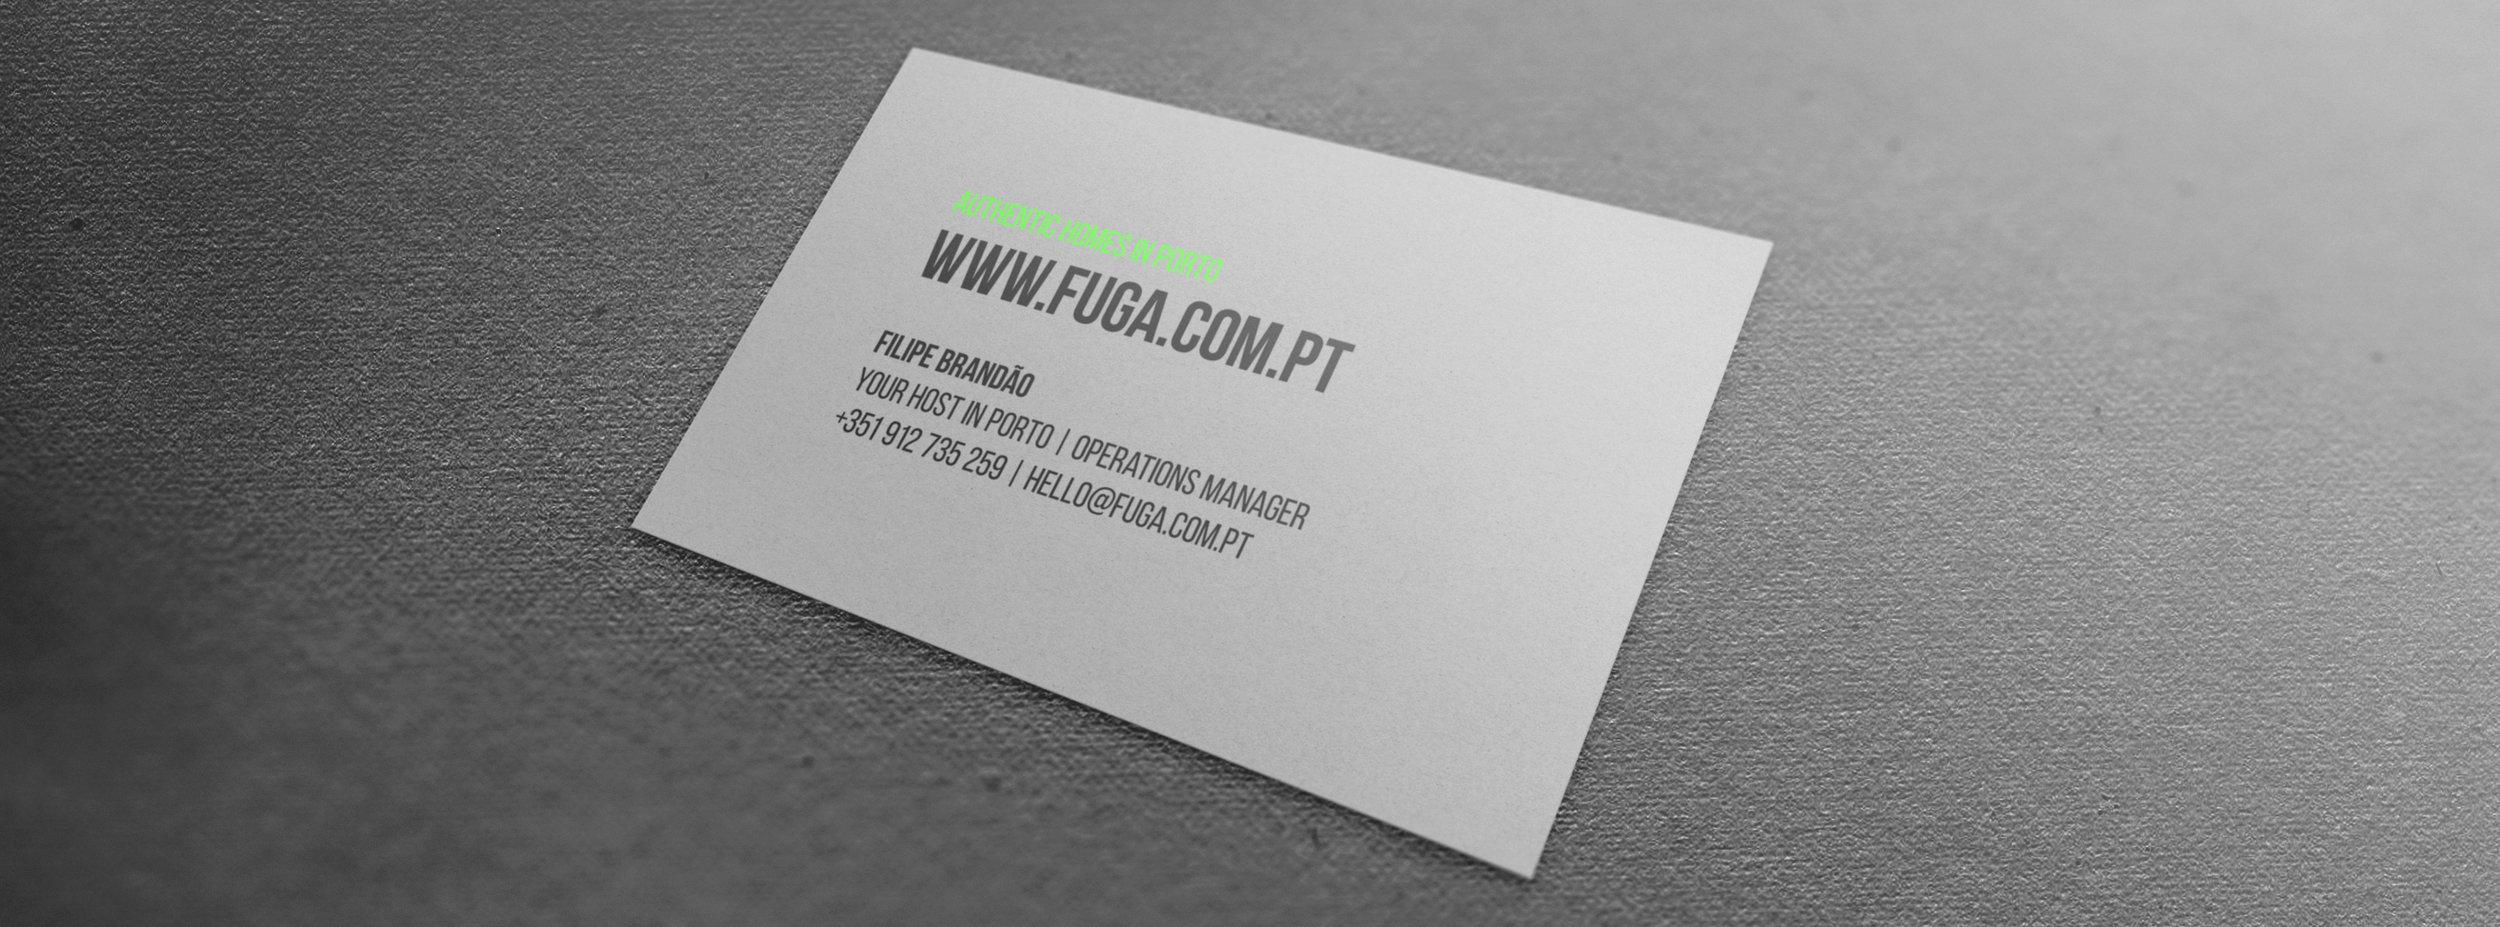 Fuga-mockup-Card-Back_Green_3 N.jpg